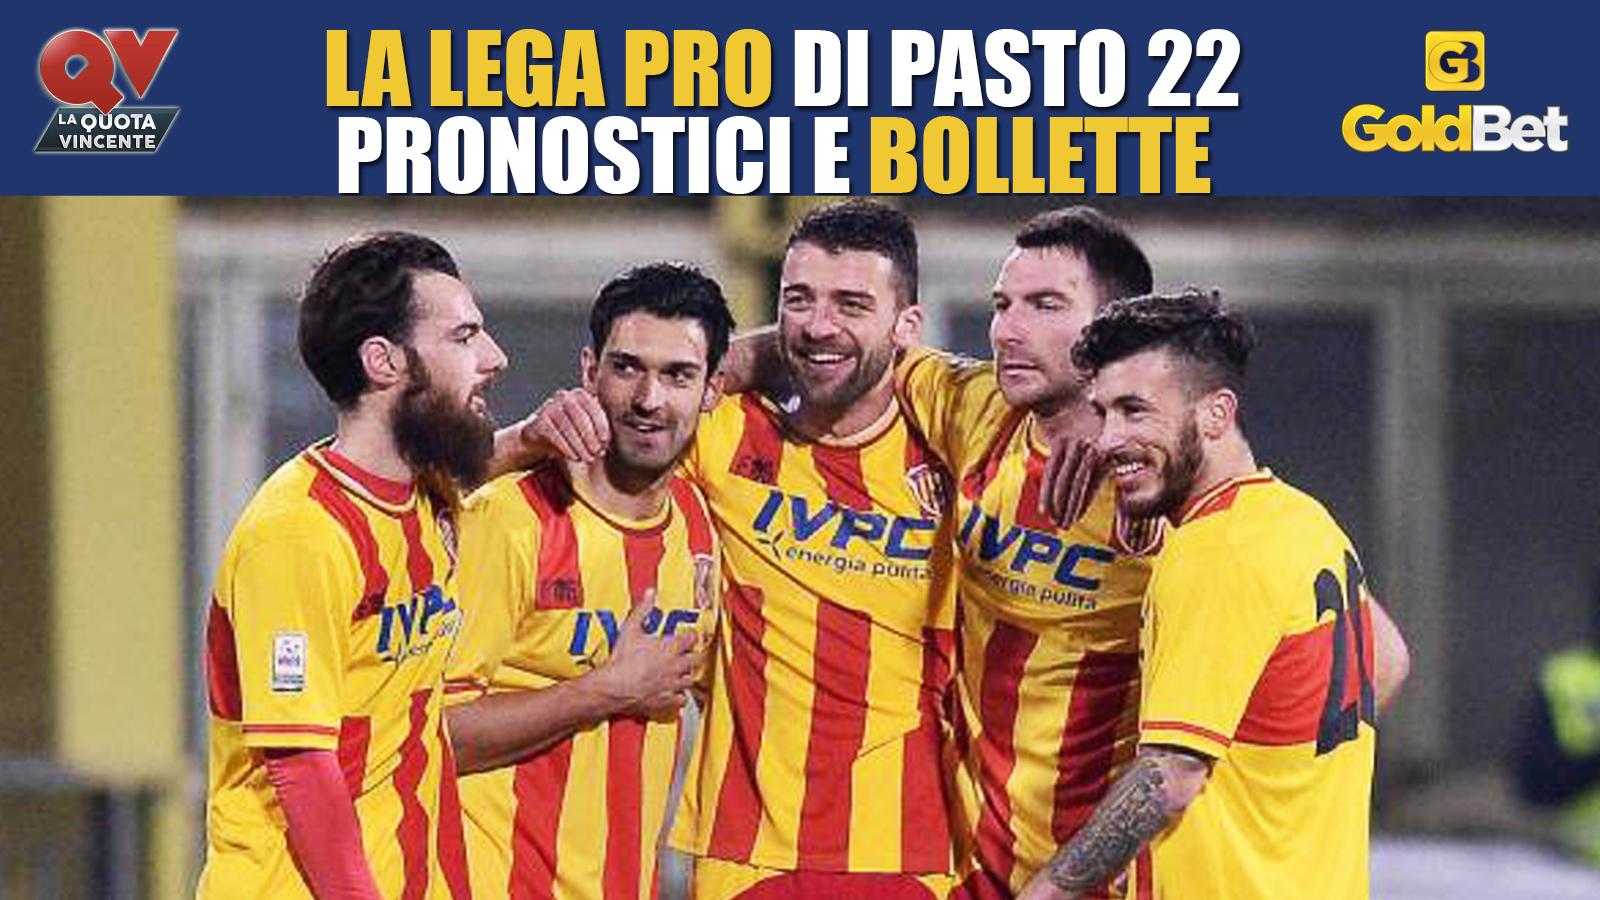 lega_pro_blog_qv_pasto_22_benevento_calcio_esultanza_news_scommesse_bollette